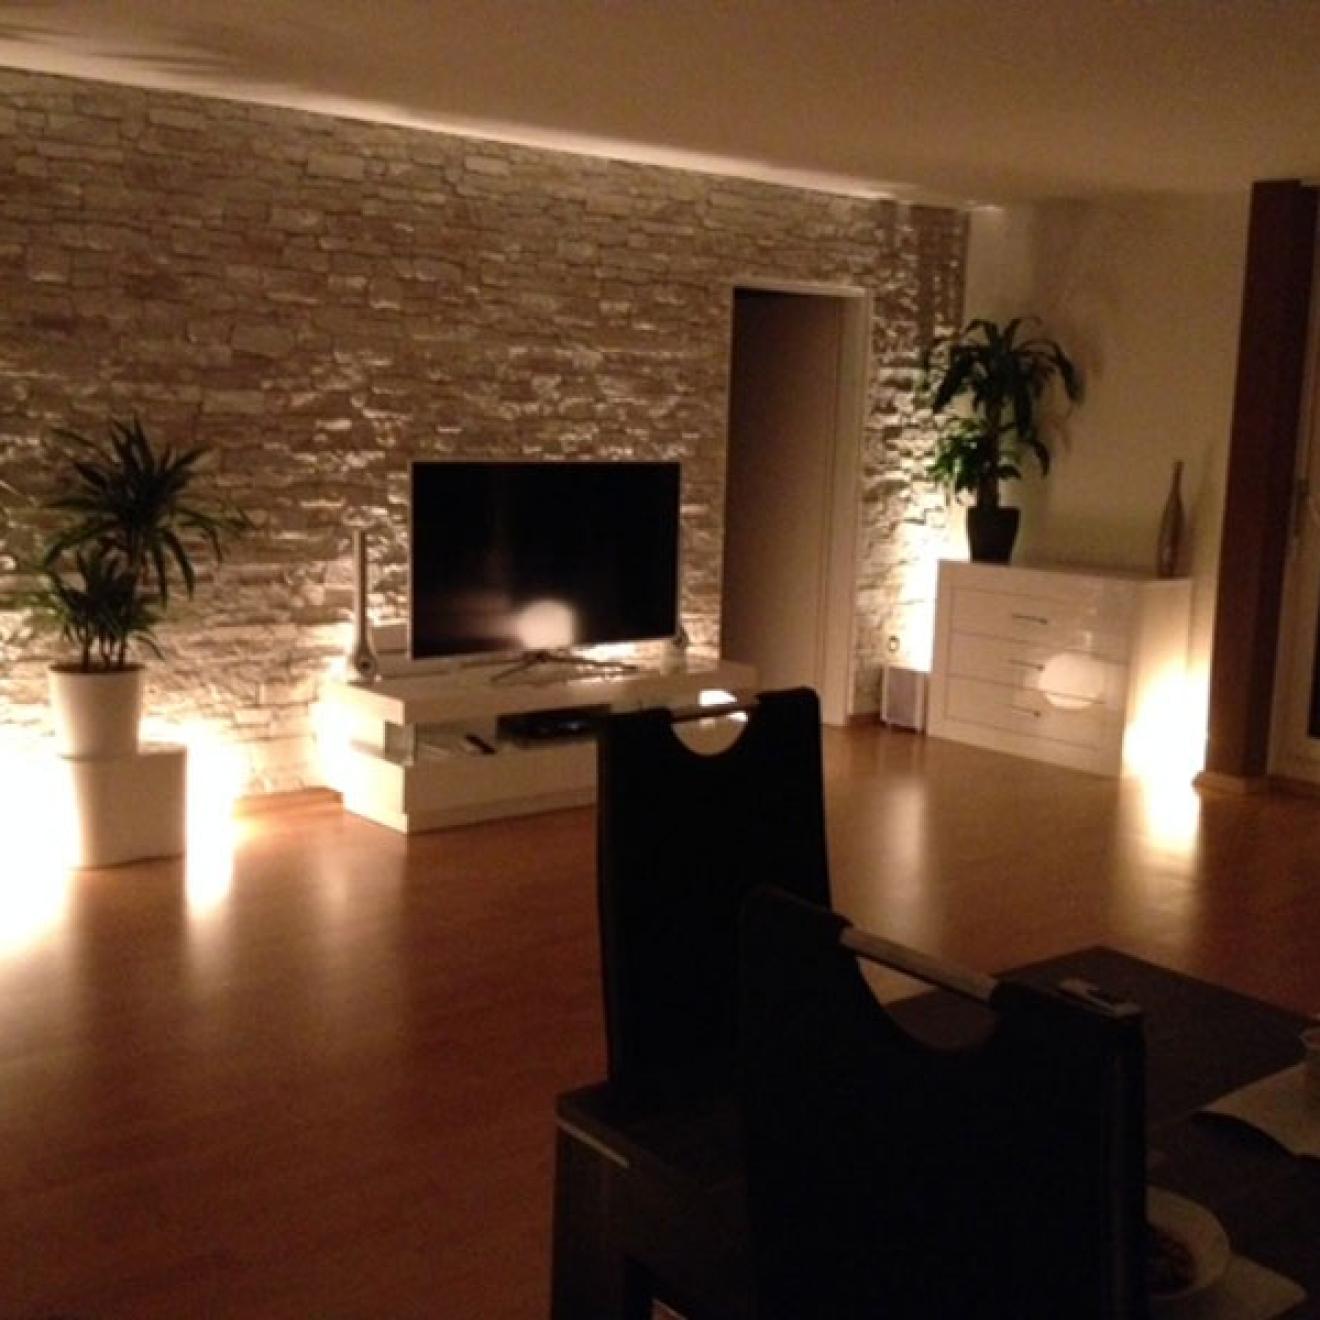 xstein fernseher tv steinwand steinimitat steinoptik schnellste montage und h c. Black Bedroom Furniture Sets. Home Design Ideas